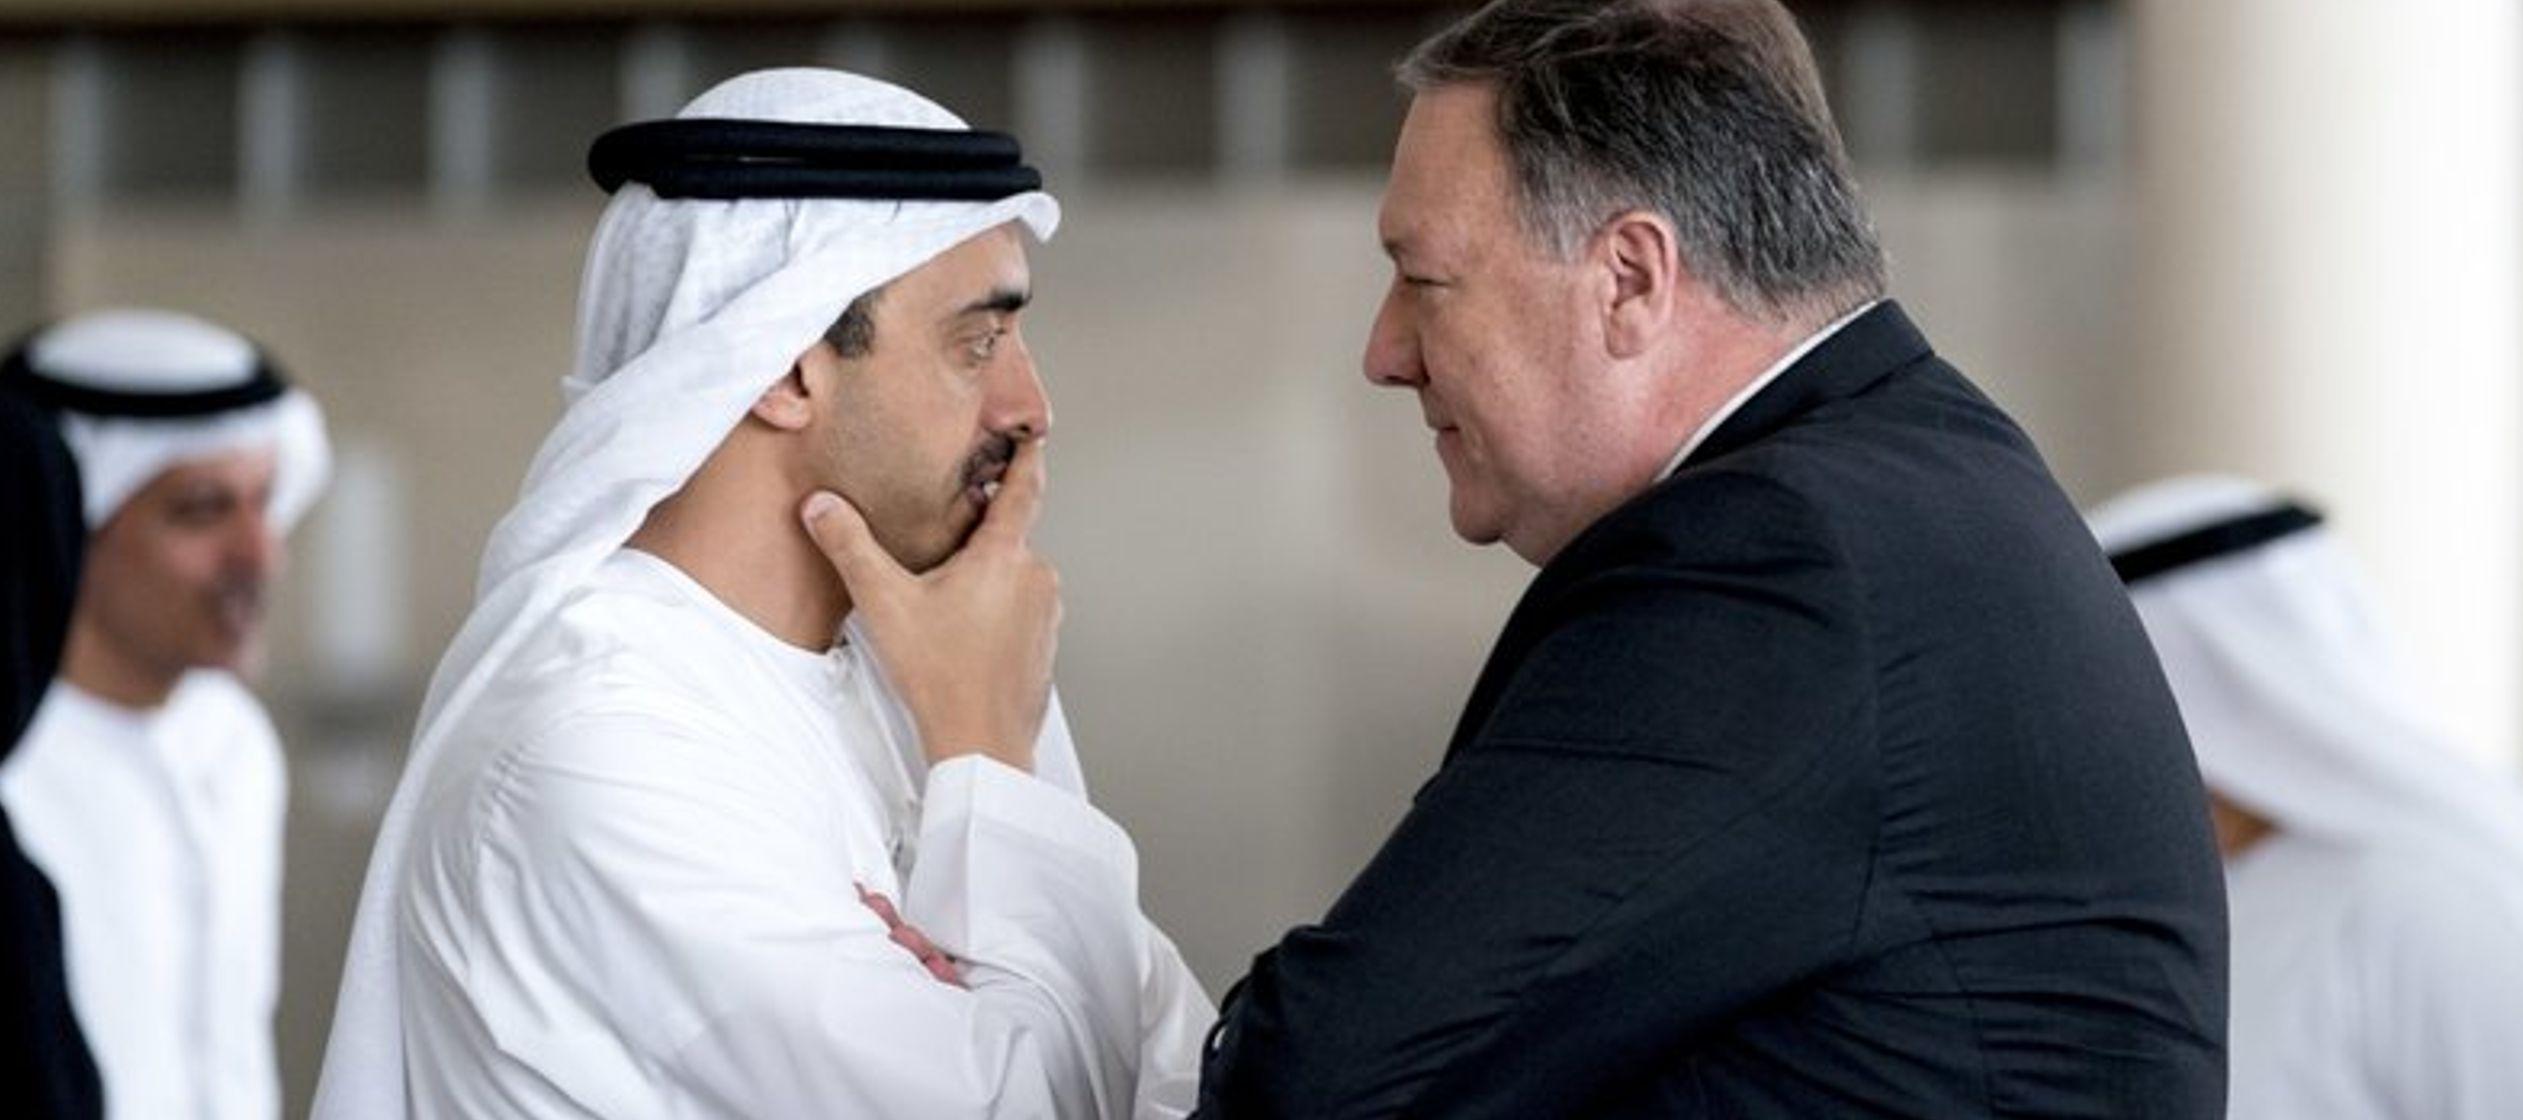 Los comentarios de Pompeo ocurrieron durante un viaje breve a Emiratos Árabes Unidos, aliado...